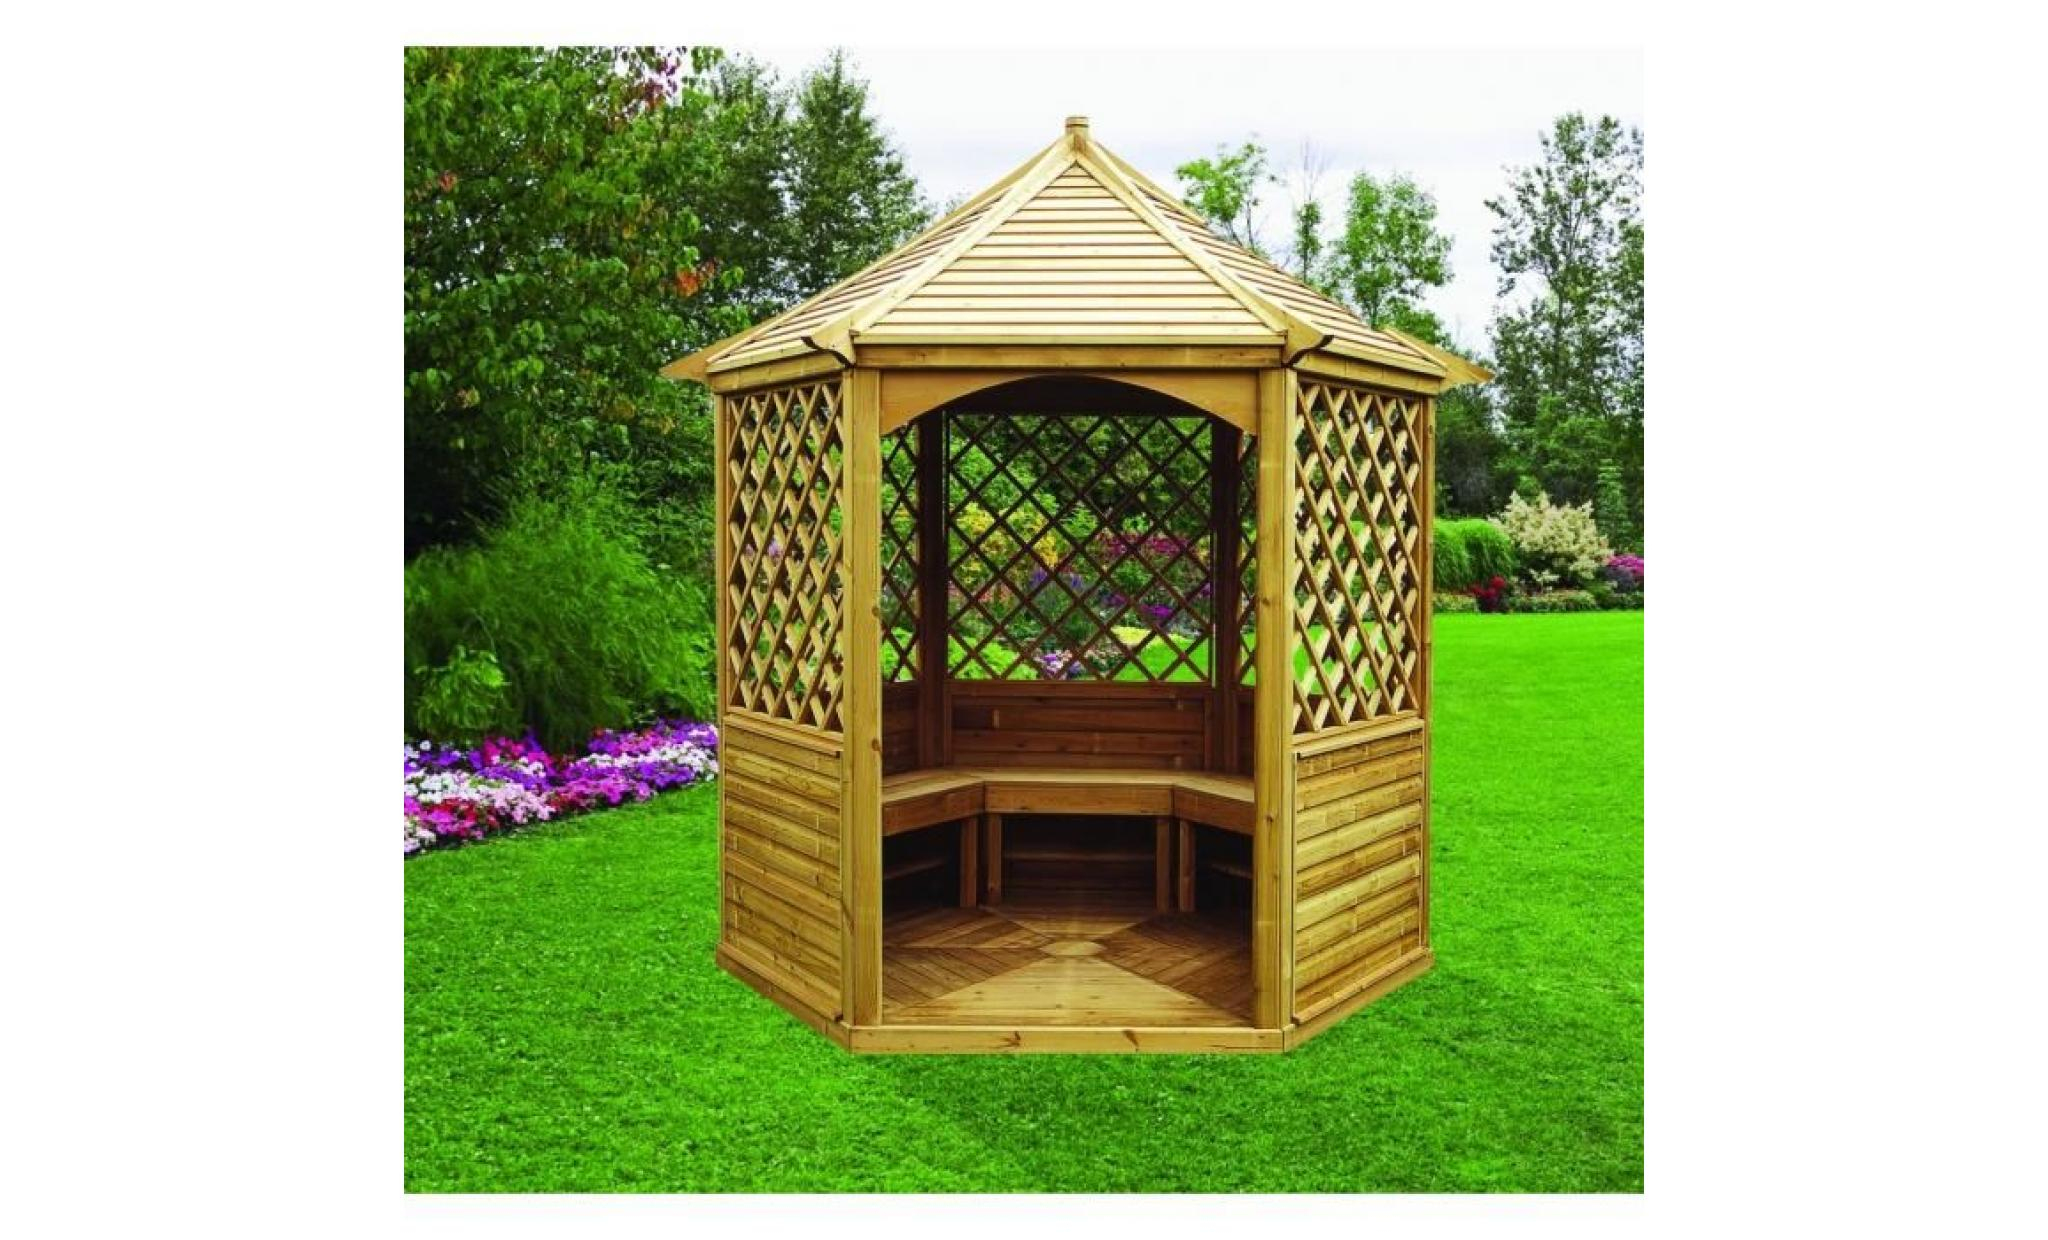 Kiosque Pavillon Hexagonal 7,30M² - Toiture En Bois encequiconcerne Kiosque Jardin Bois